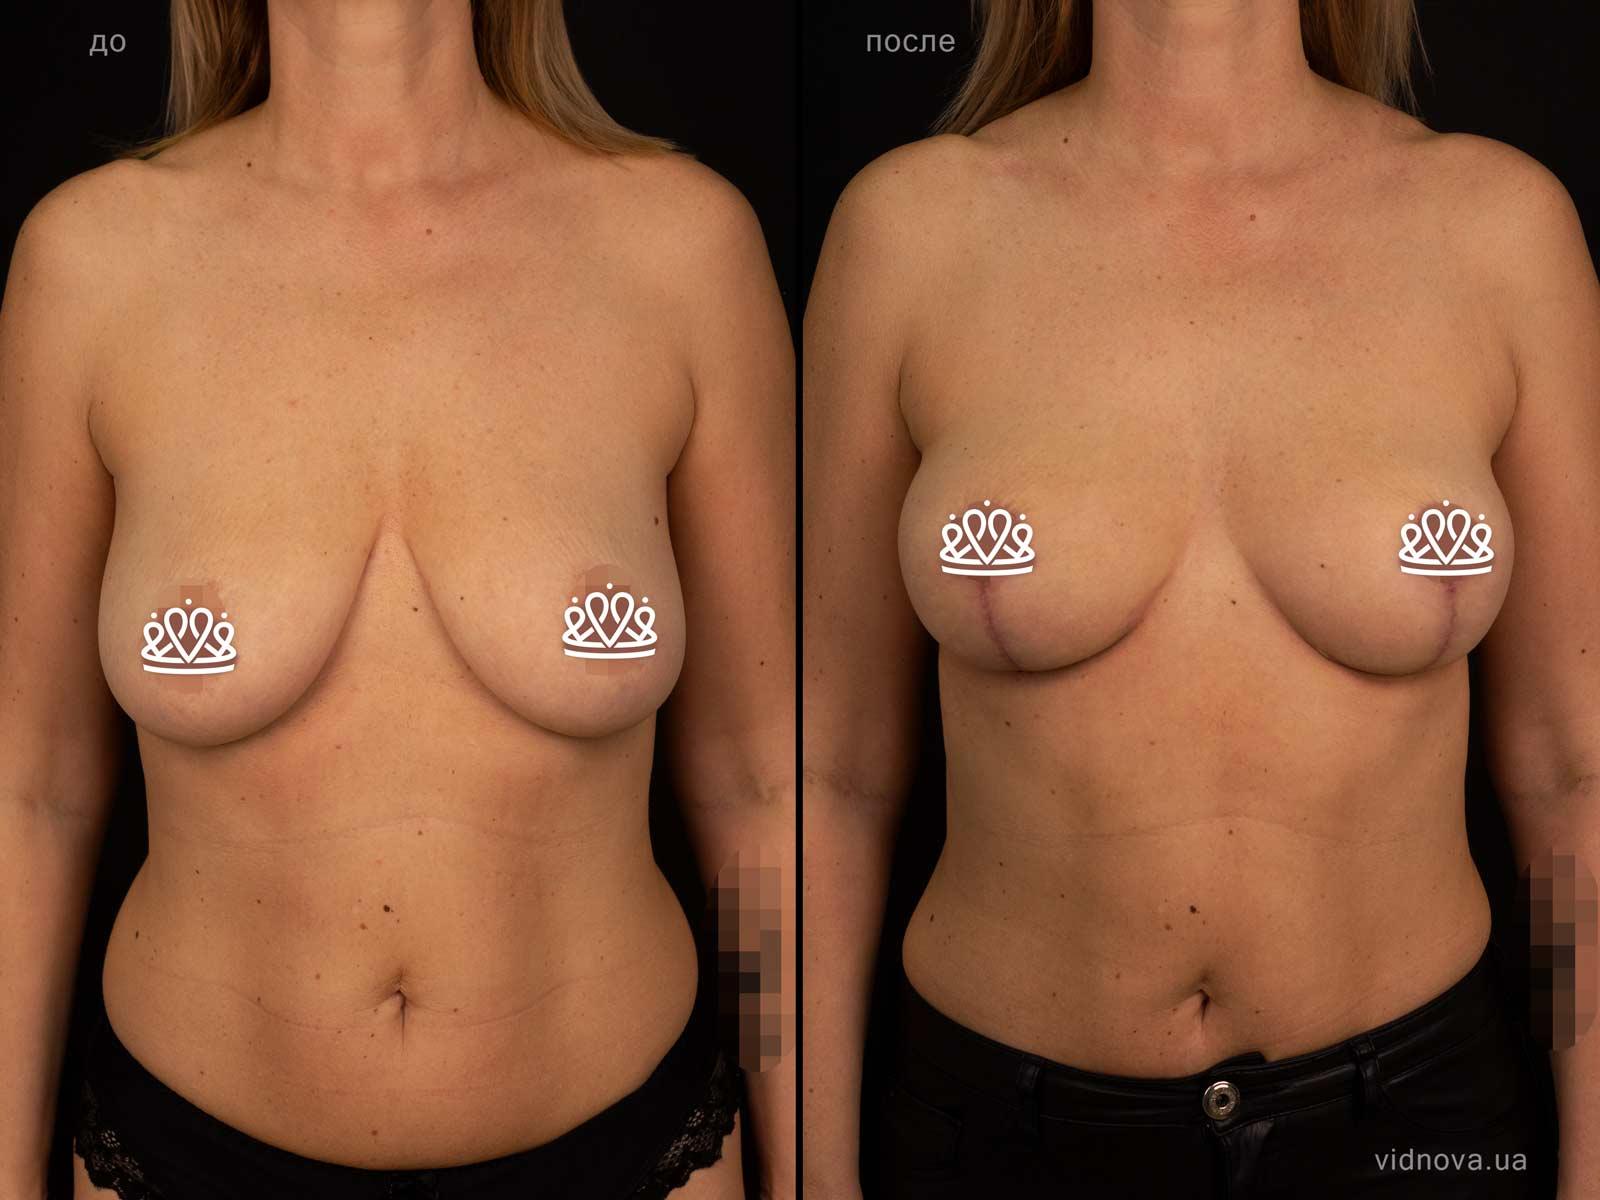 Пластика груди: результаты до и после - Пример №124-0 - Светлана Работенко